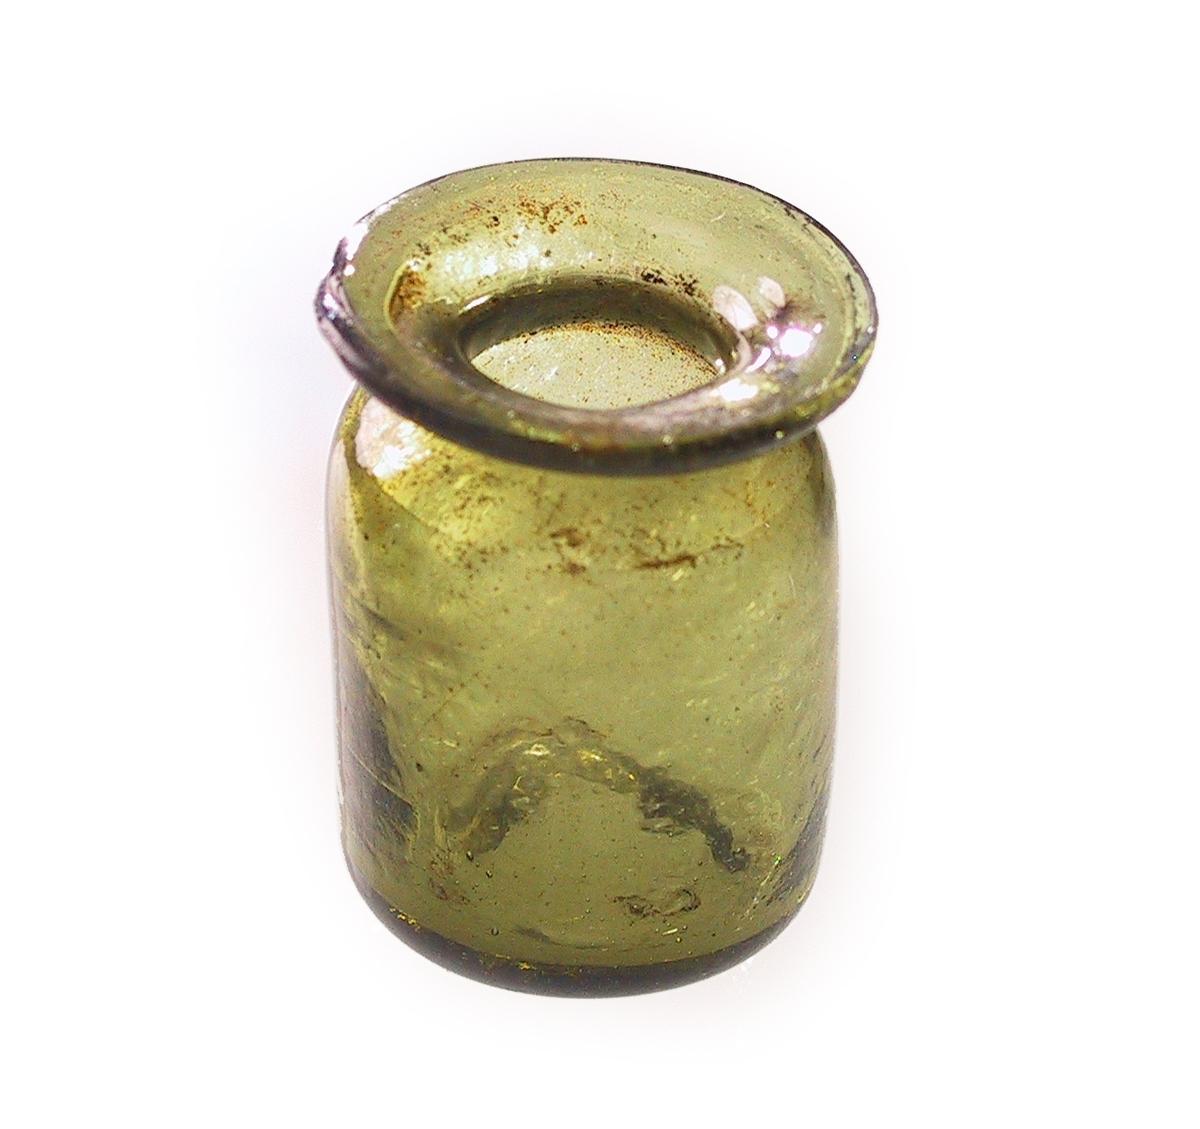 Lite glass, enten medisinglass, blekkhus ell. lign.   Gulgrønt, blåst glass, sylindrisk, med innsnevring og krave  på toppen.